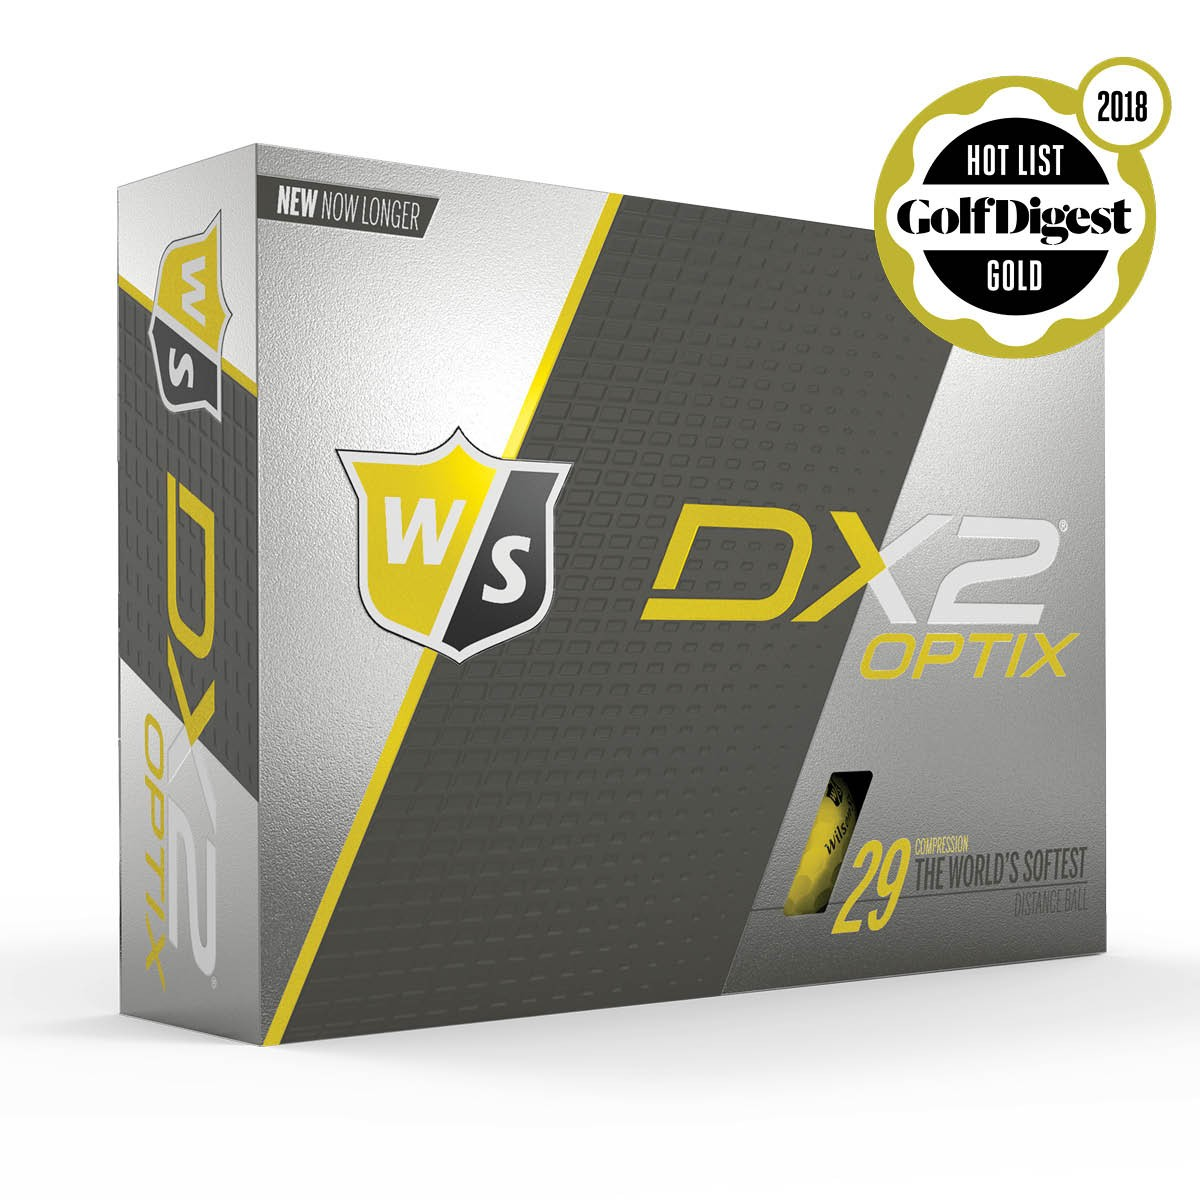 WILSON STAFF - DX2 SOFT OPTIX YELLOW GOLF BALLS - 12 PACK